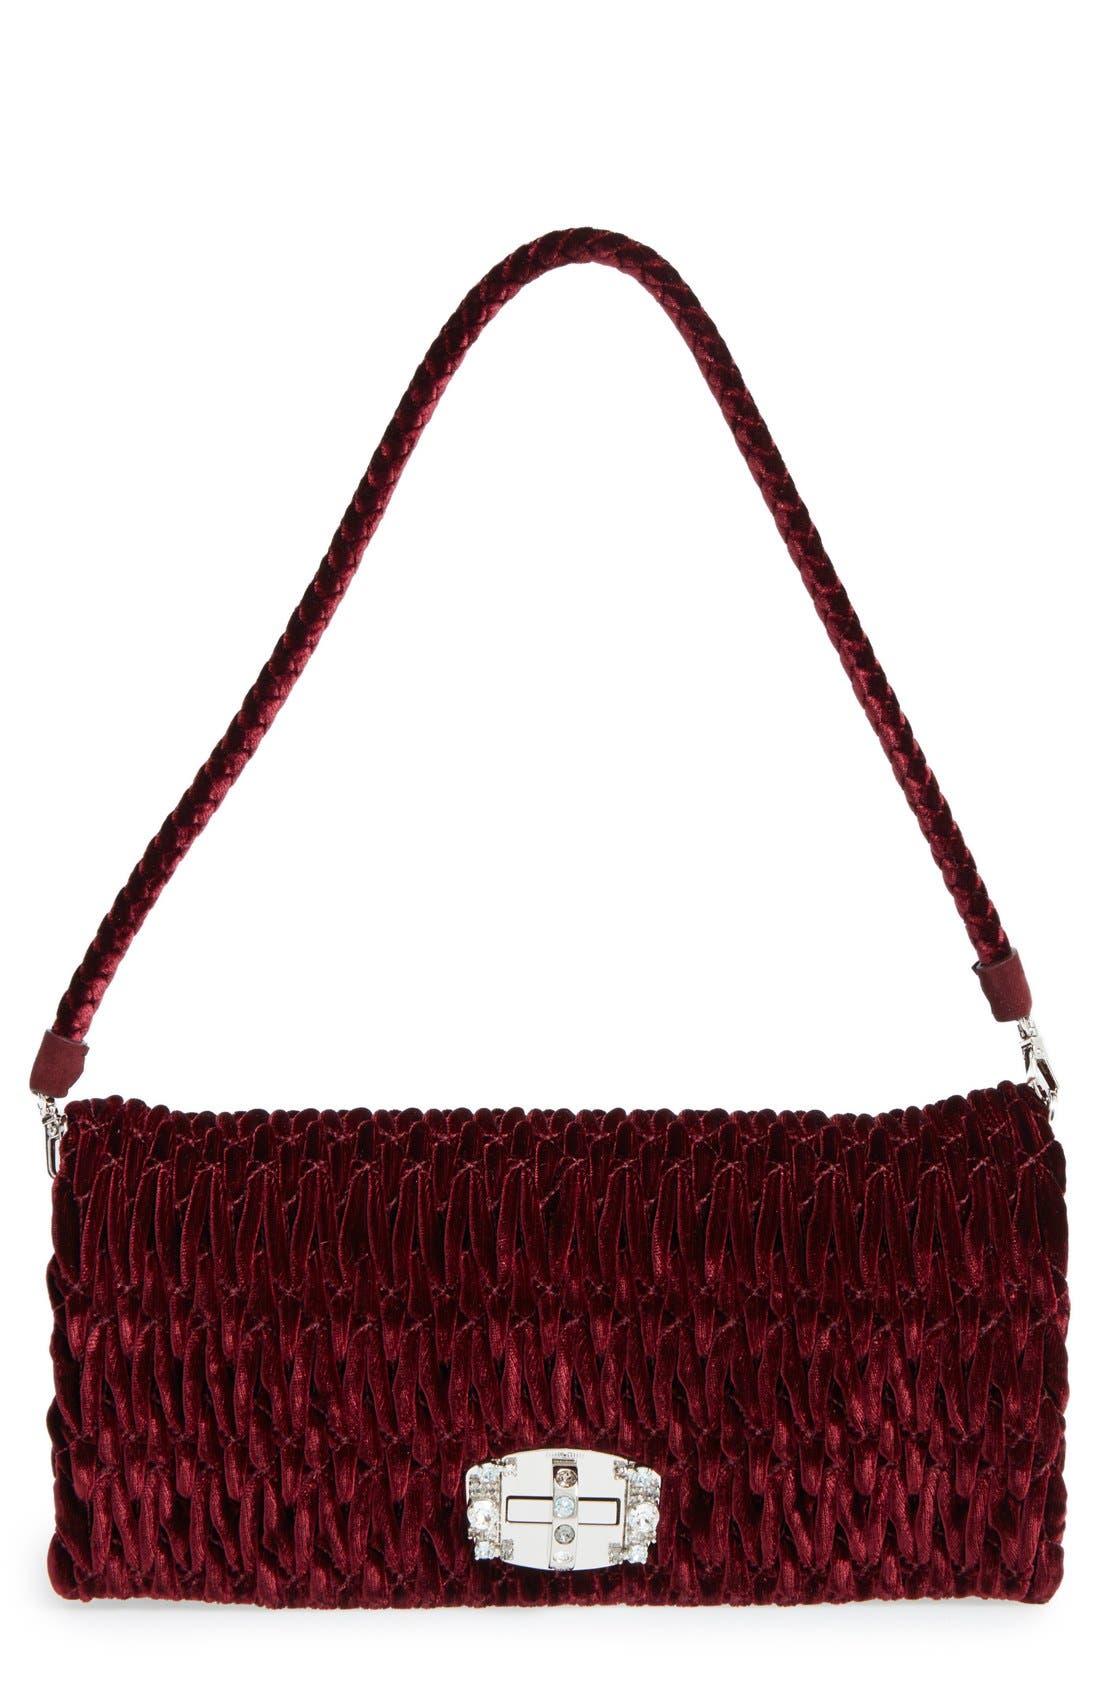 Medium Crystal Embellished Quilted Velvet Shoulder Bag,                         Main,                         color, Bordeaux